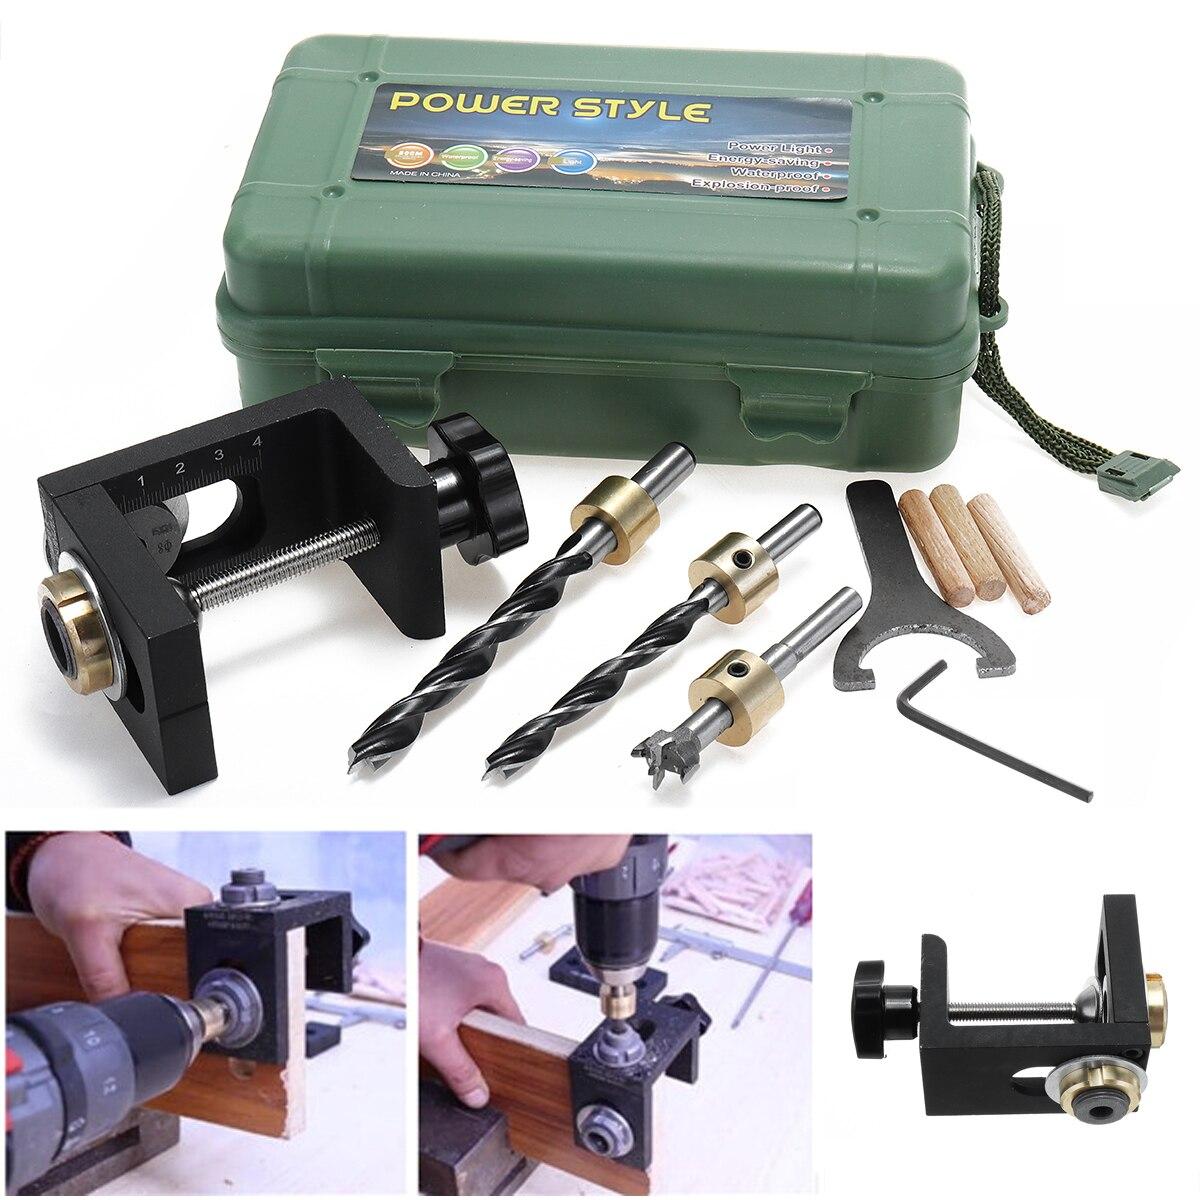 Trabajo de la guía de broca conjunto de madera bolsillo agujero localizar un Jig + Kit de paso de un poco de madera conjunto de herramientas